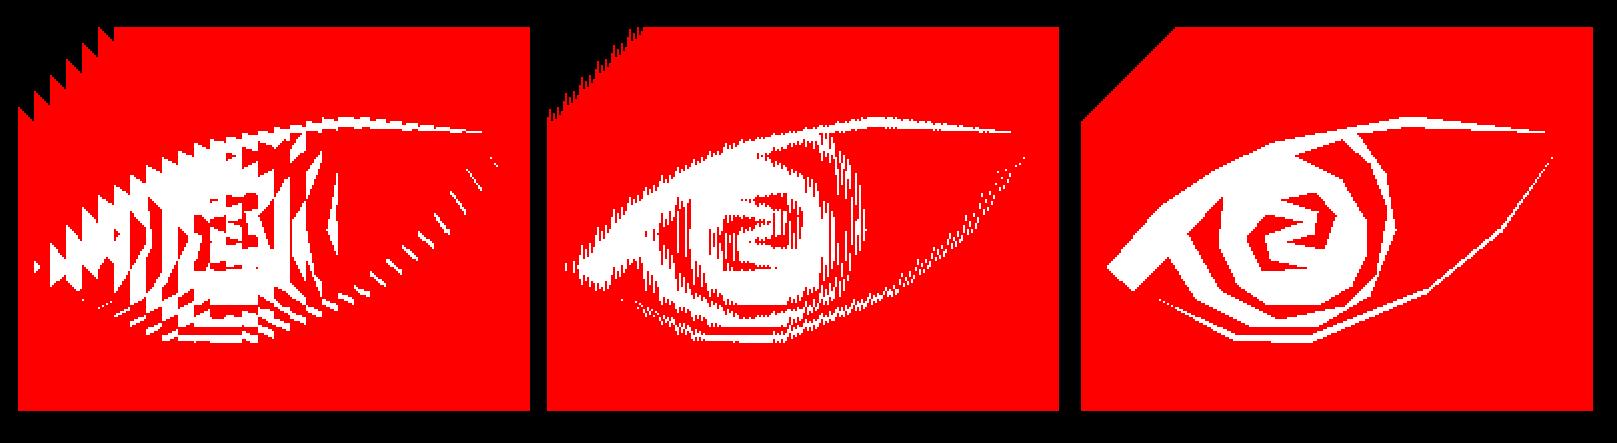 Создание 1k intro Chaos для ZX-Spectrum - 9